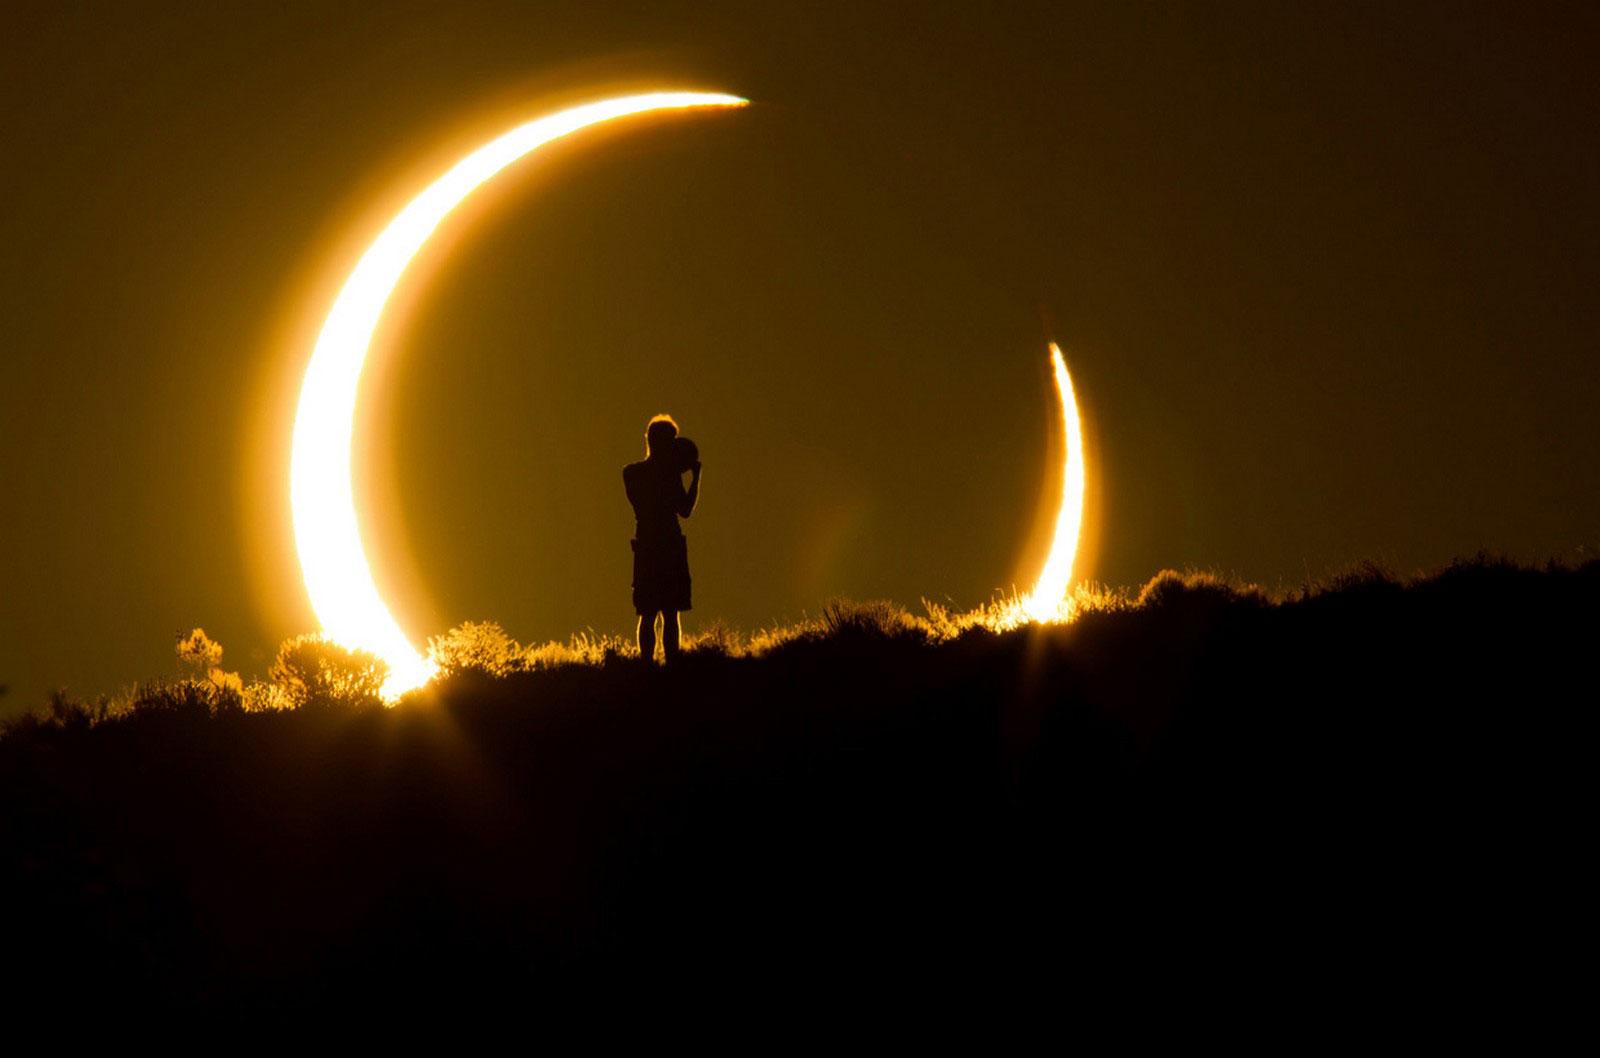 солнечное затмение, фото Smithsonian